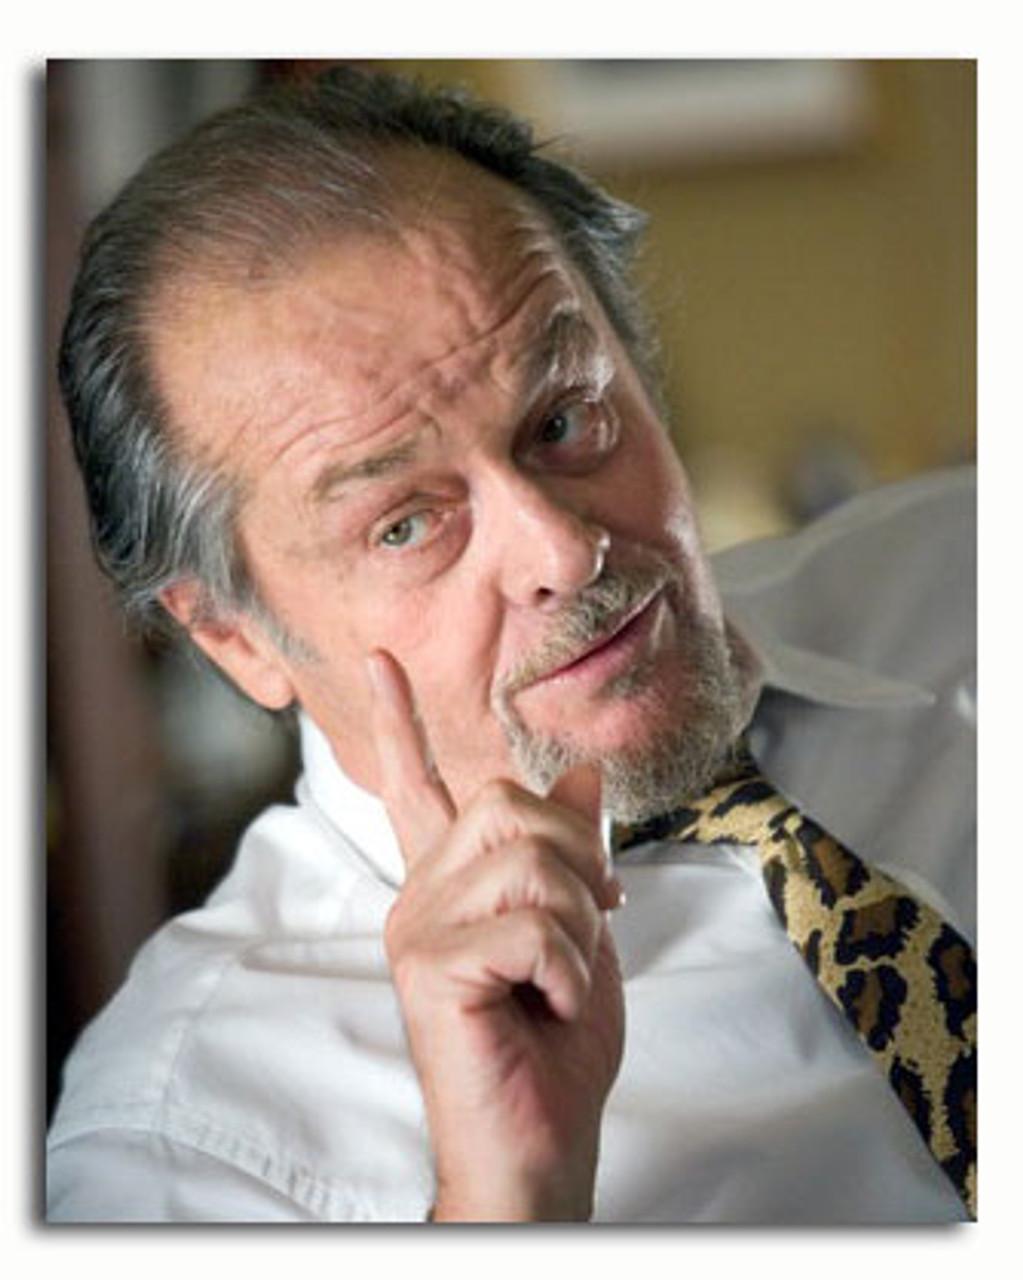 SS20 Jack Nicholson Filmfoto